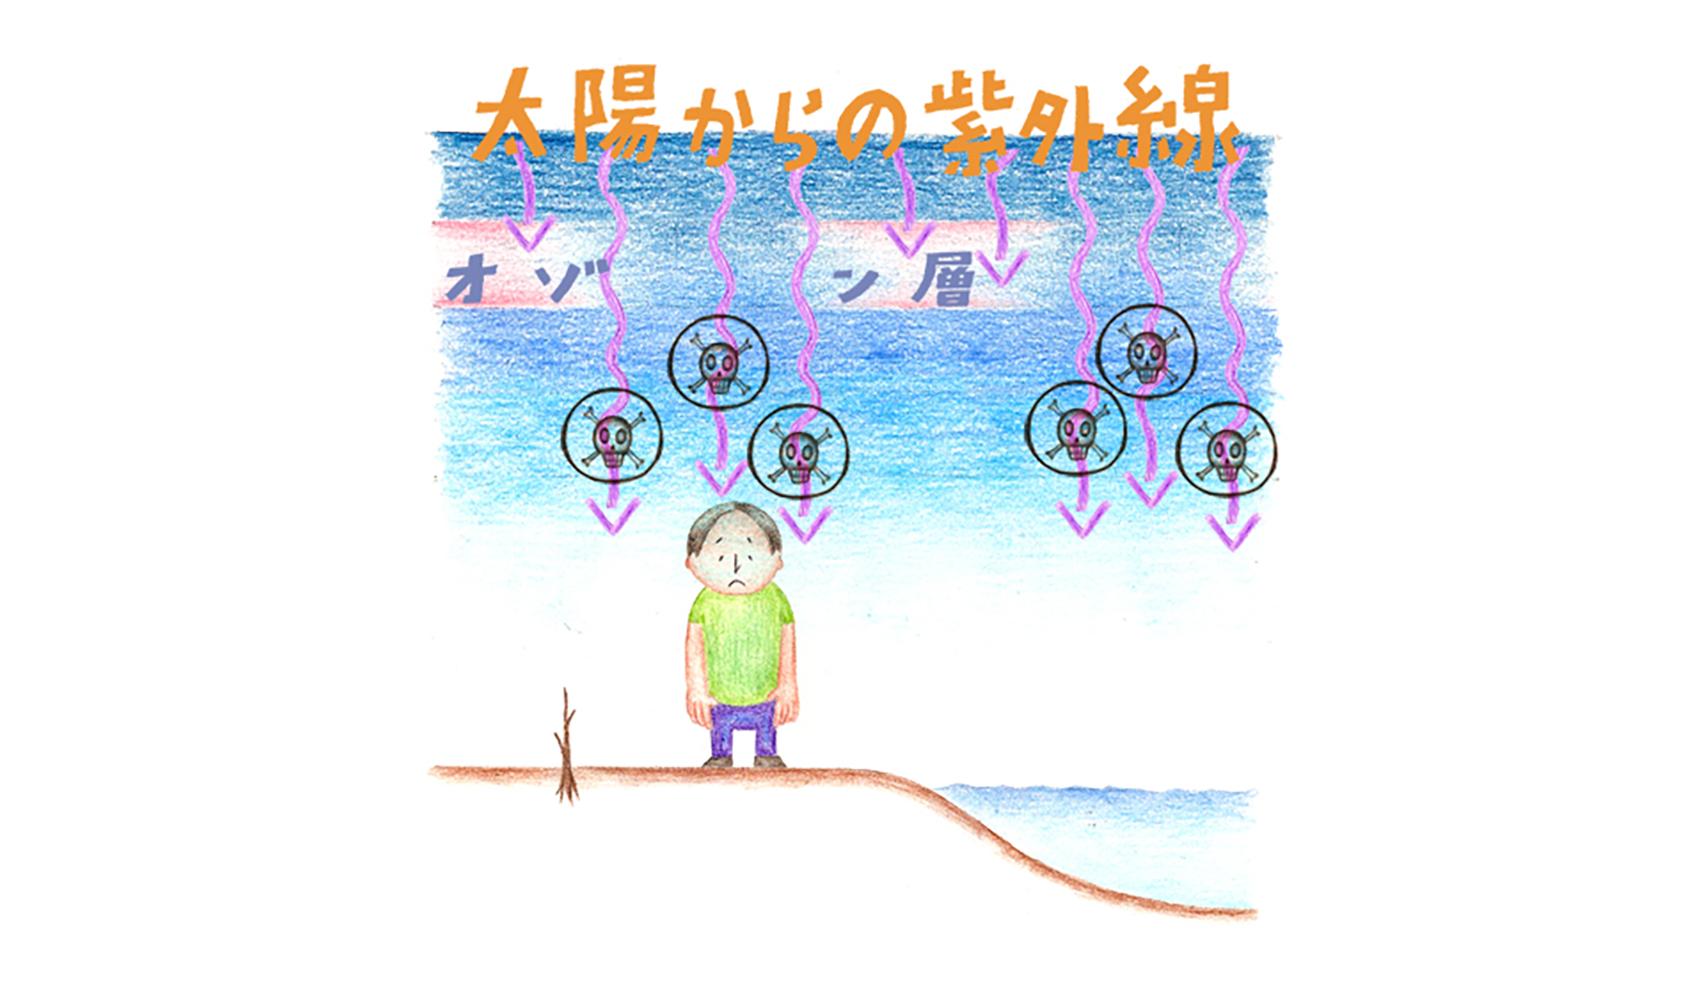 オゾン層にあな(オゾンホール)があくと、どういうことが起こるのですか?